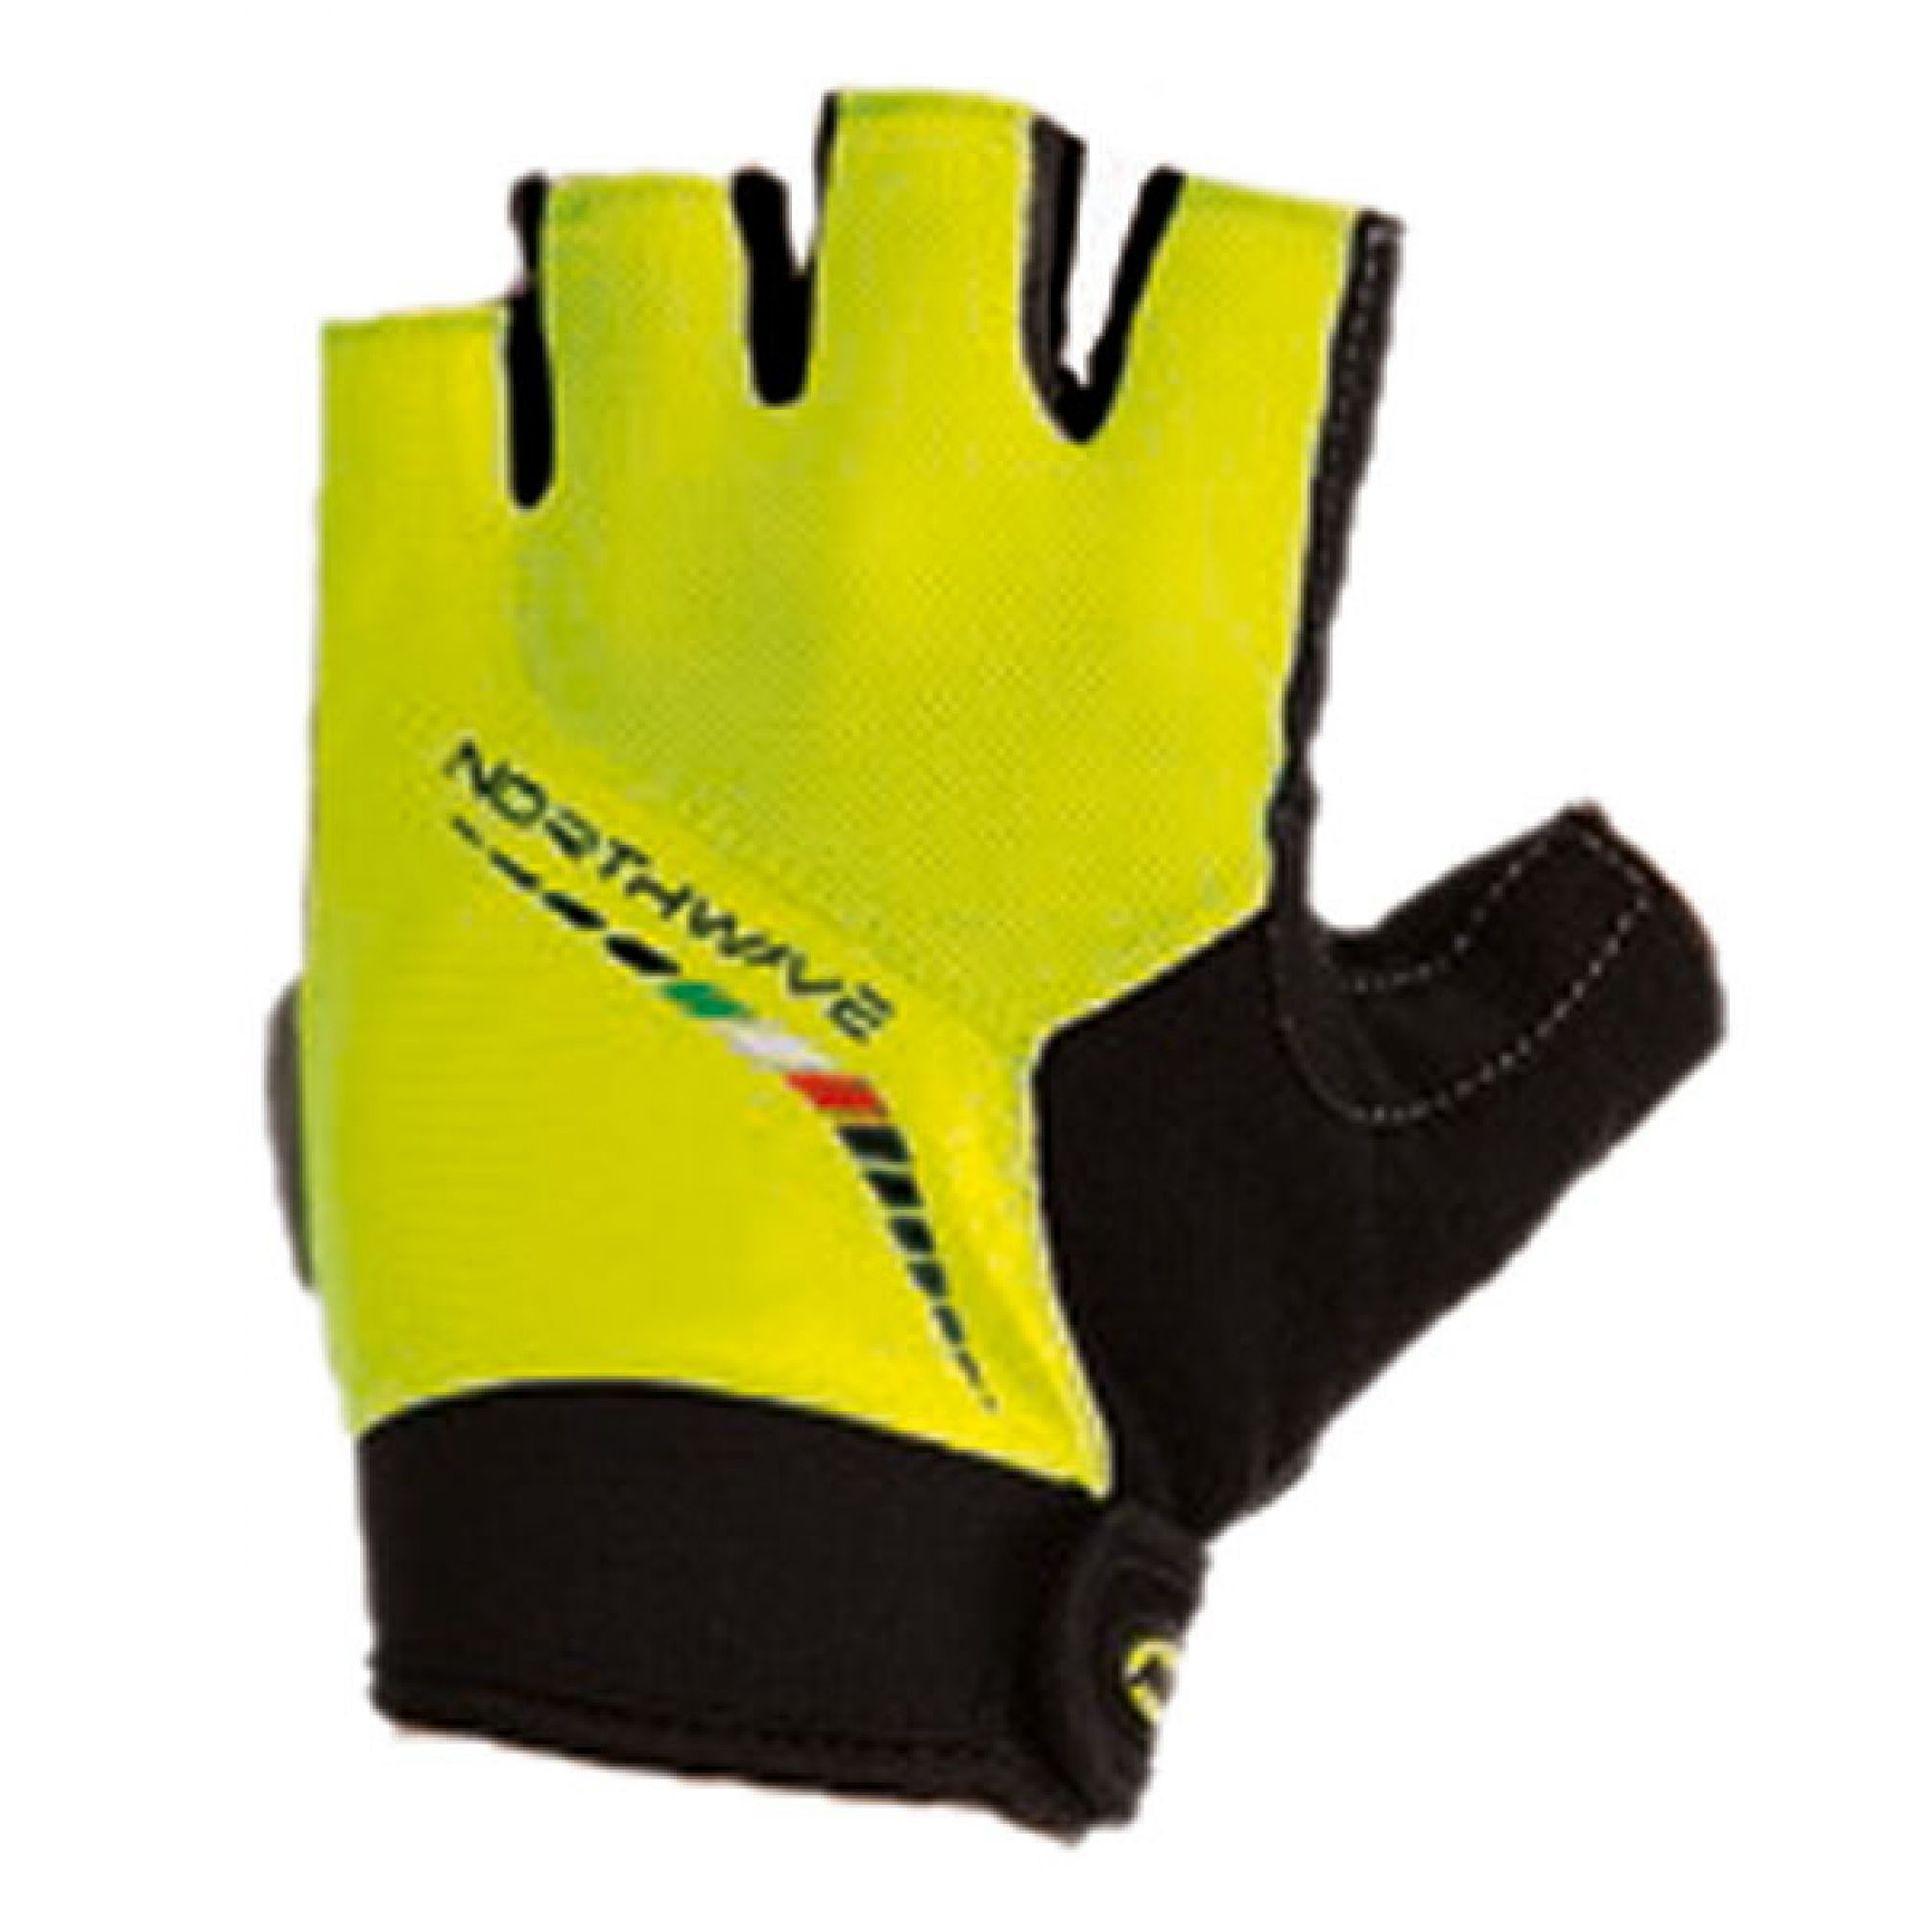 Rękawiczki Rowerowe Northface Force Short żółte